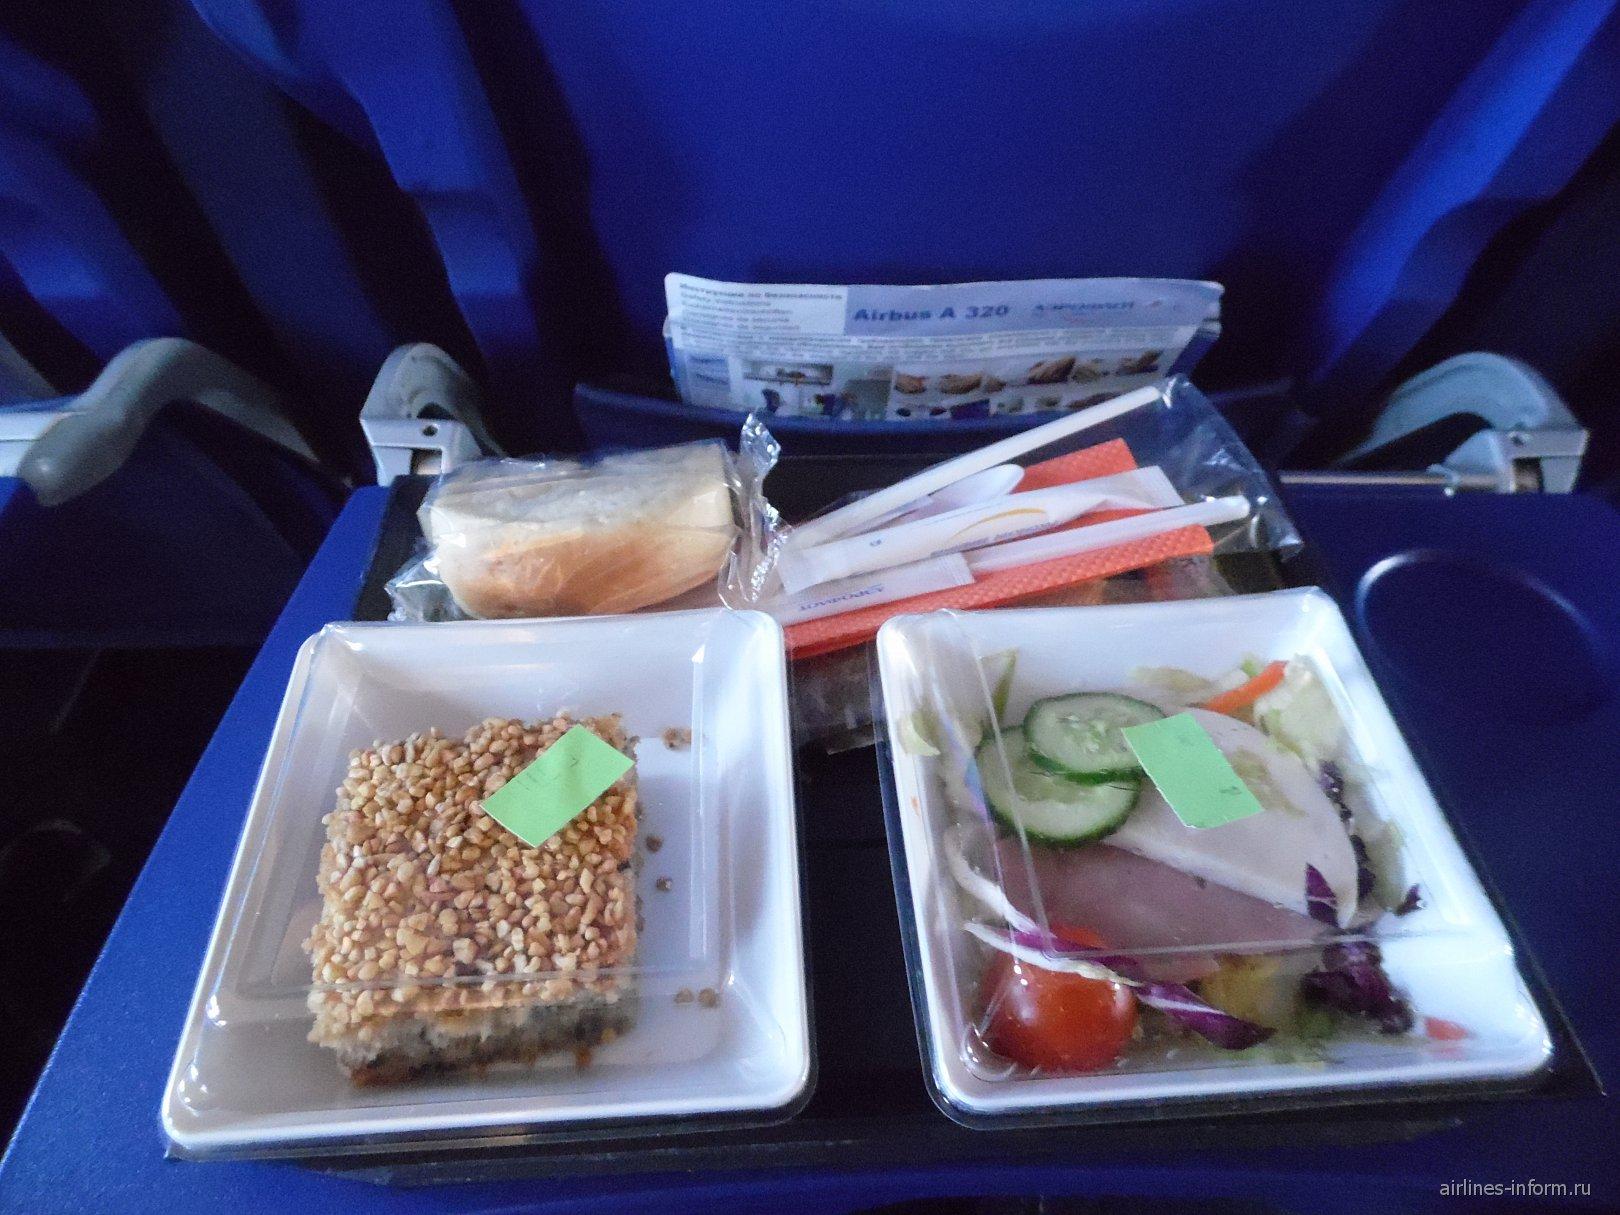 Питание на рейсе авиакомпании Аэрофлот Оренбург-Москва